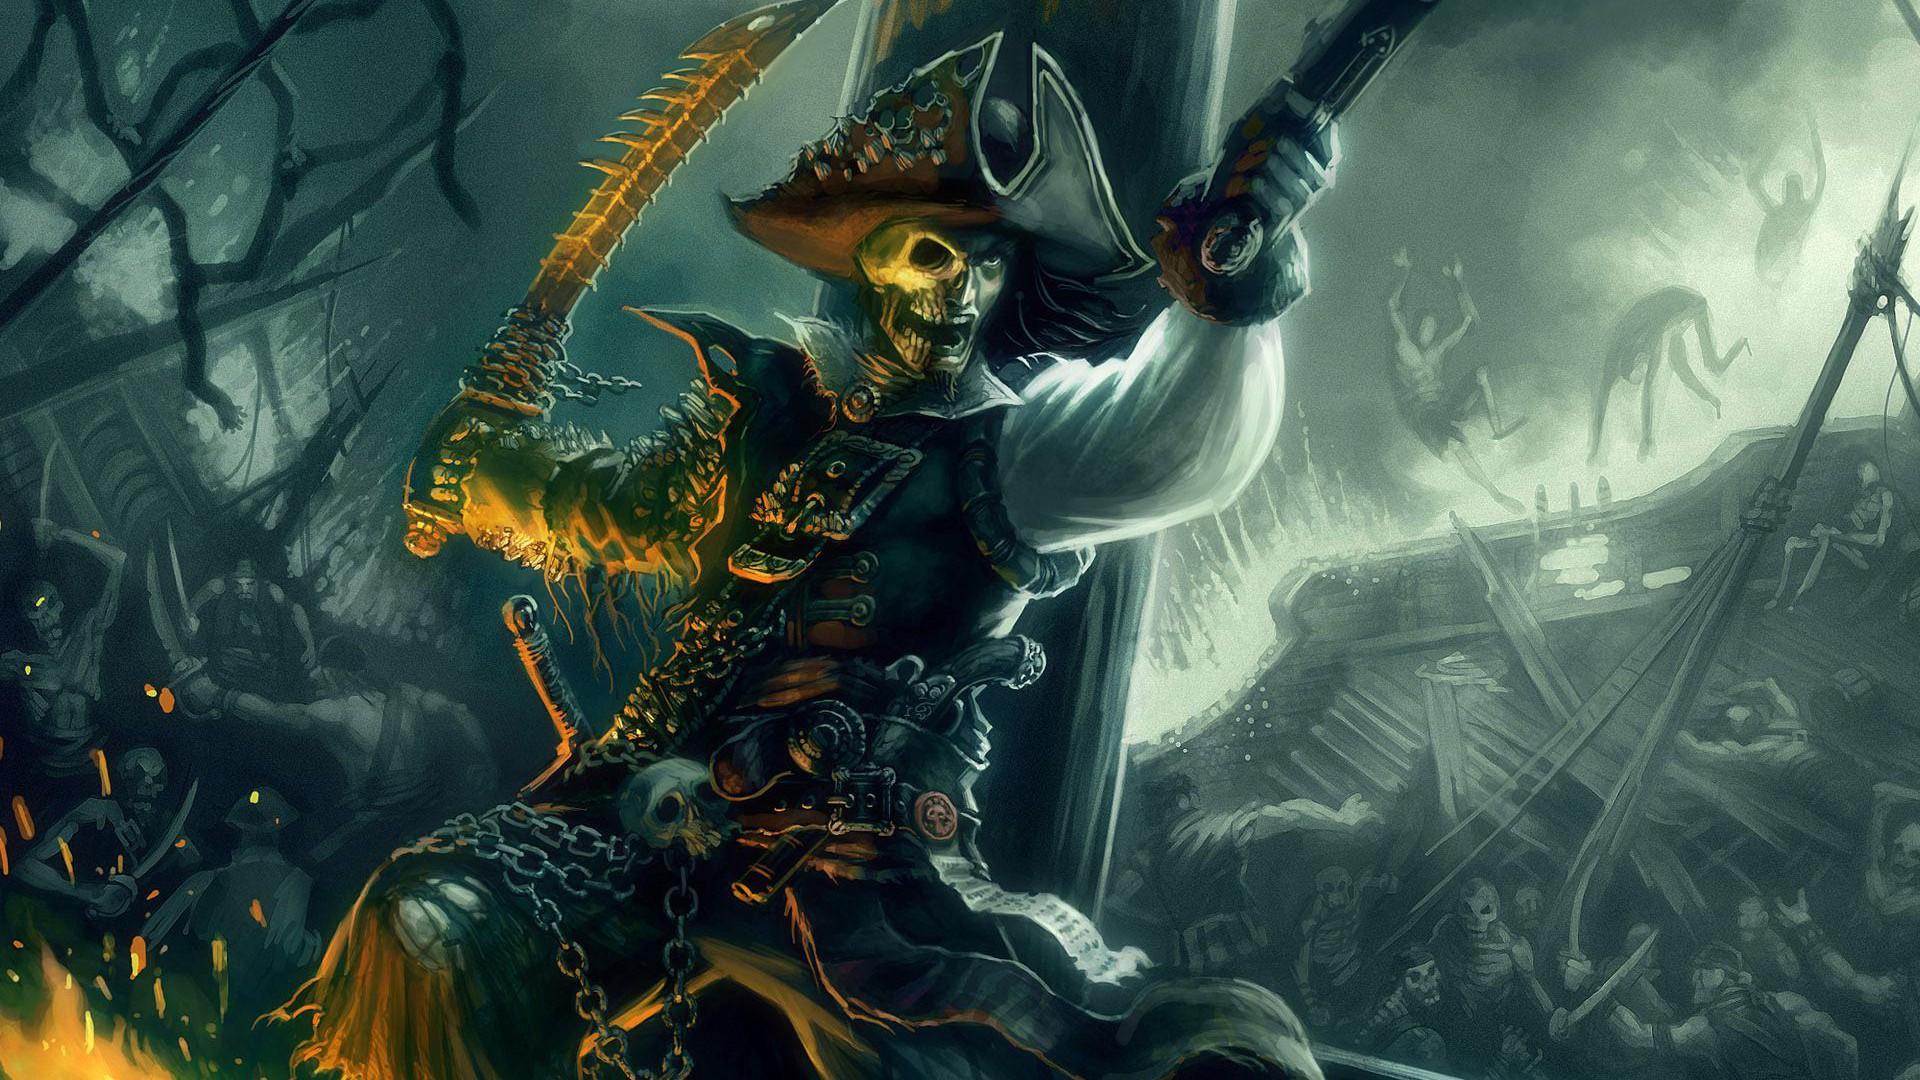 Download Fantasy Skull Pirate Wallpaper | Full HD Wallpapers